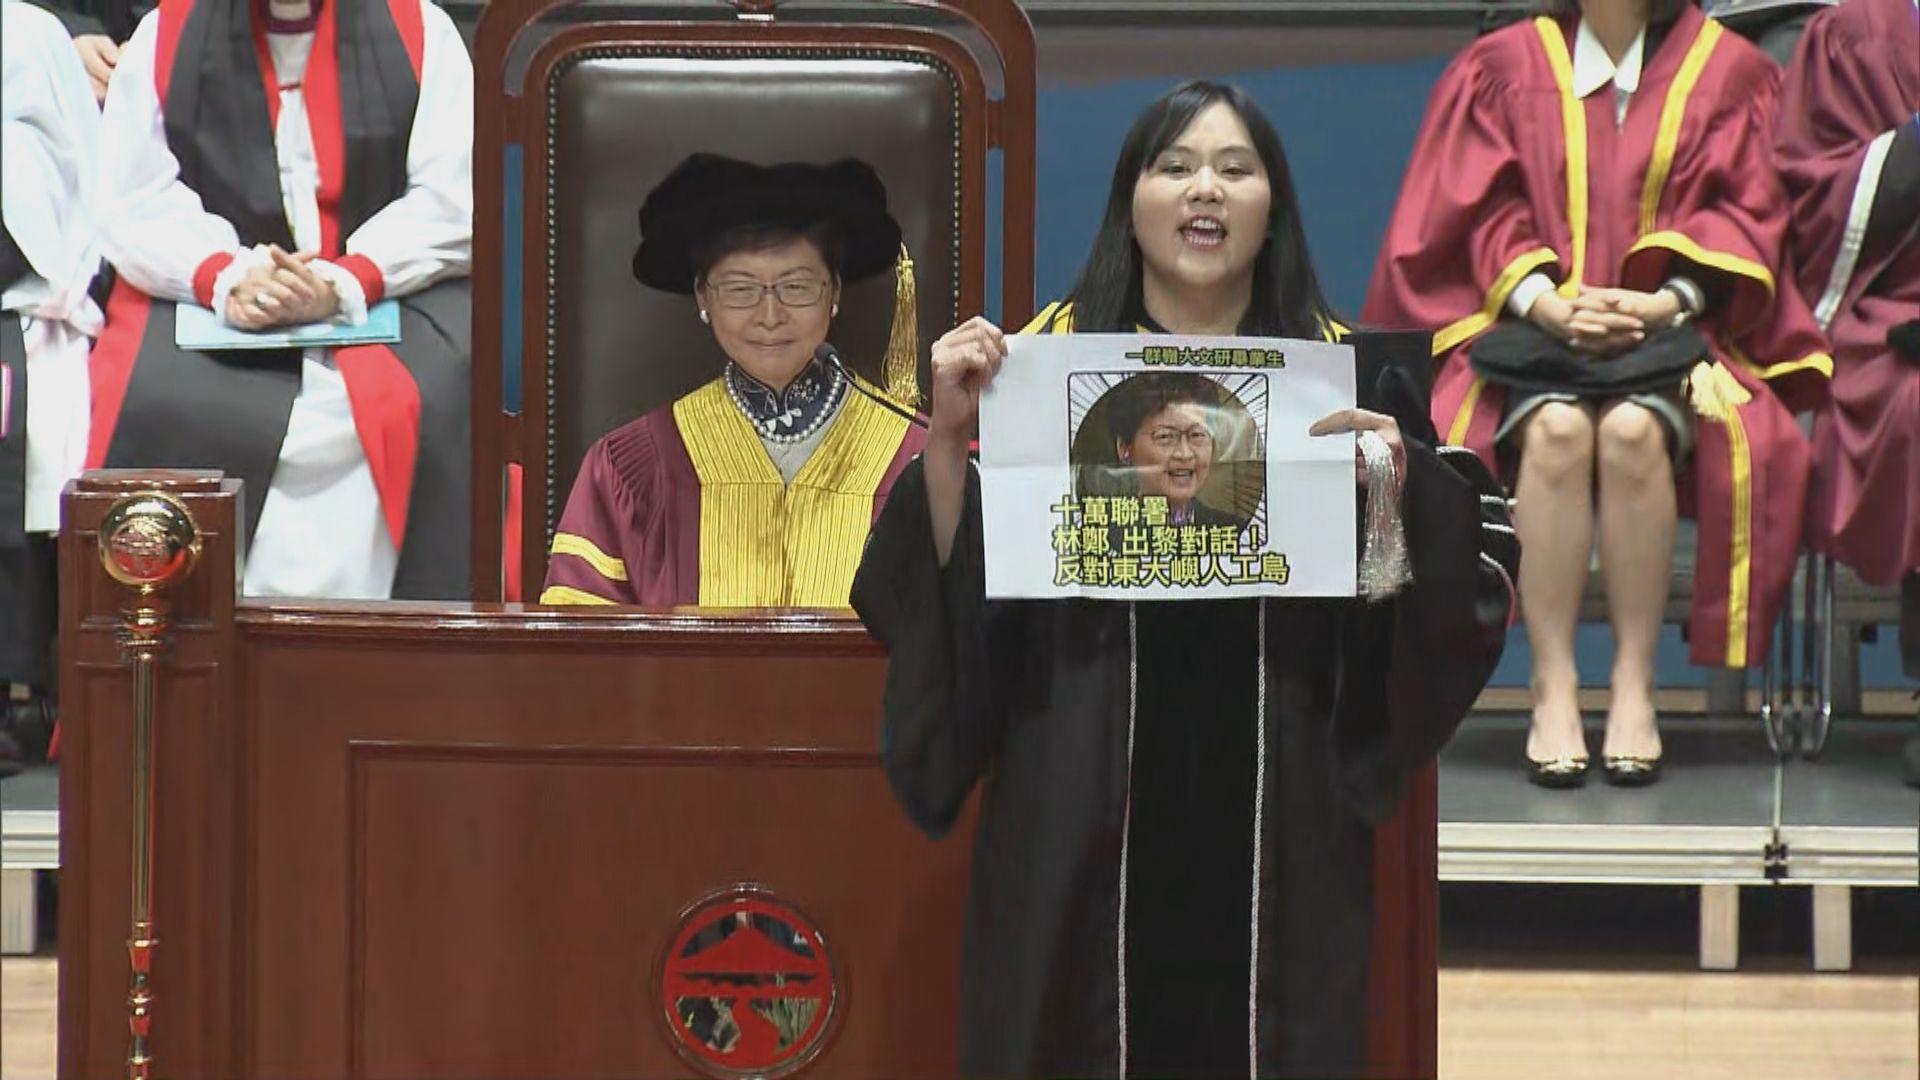 嶺南大學畢業禮有學生奏國歌後示威